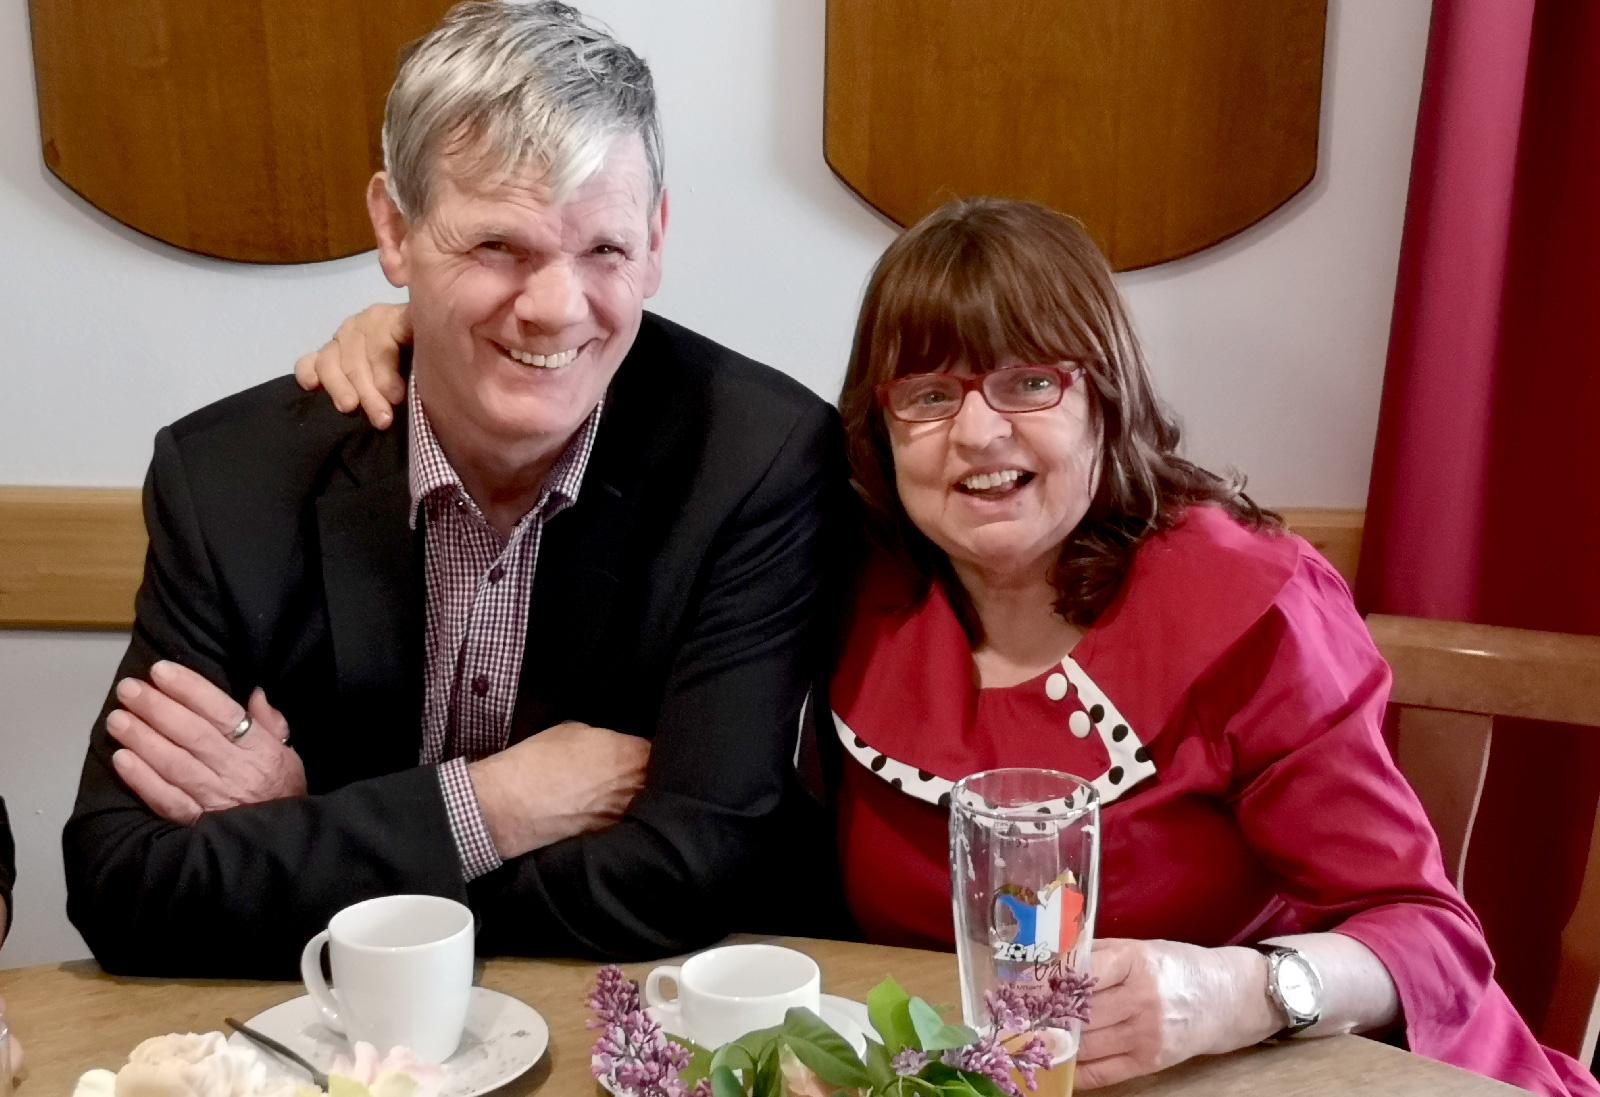 Seit 14 Jahren ein Paar: Helga Elterlein und Hans Wunder. Das größte Geburtstagsgeschenk für die Jubilarin sei die Freundschaft zu ihrem Hans. Beide fiebern ihrem Verlöbnis am 24. Mai entgegen.